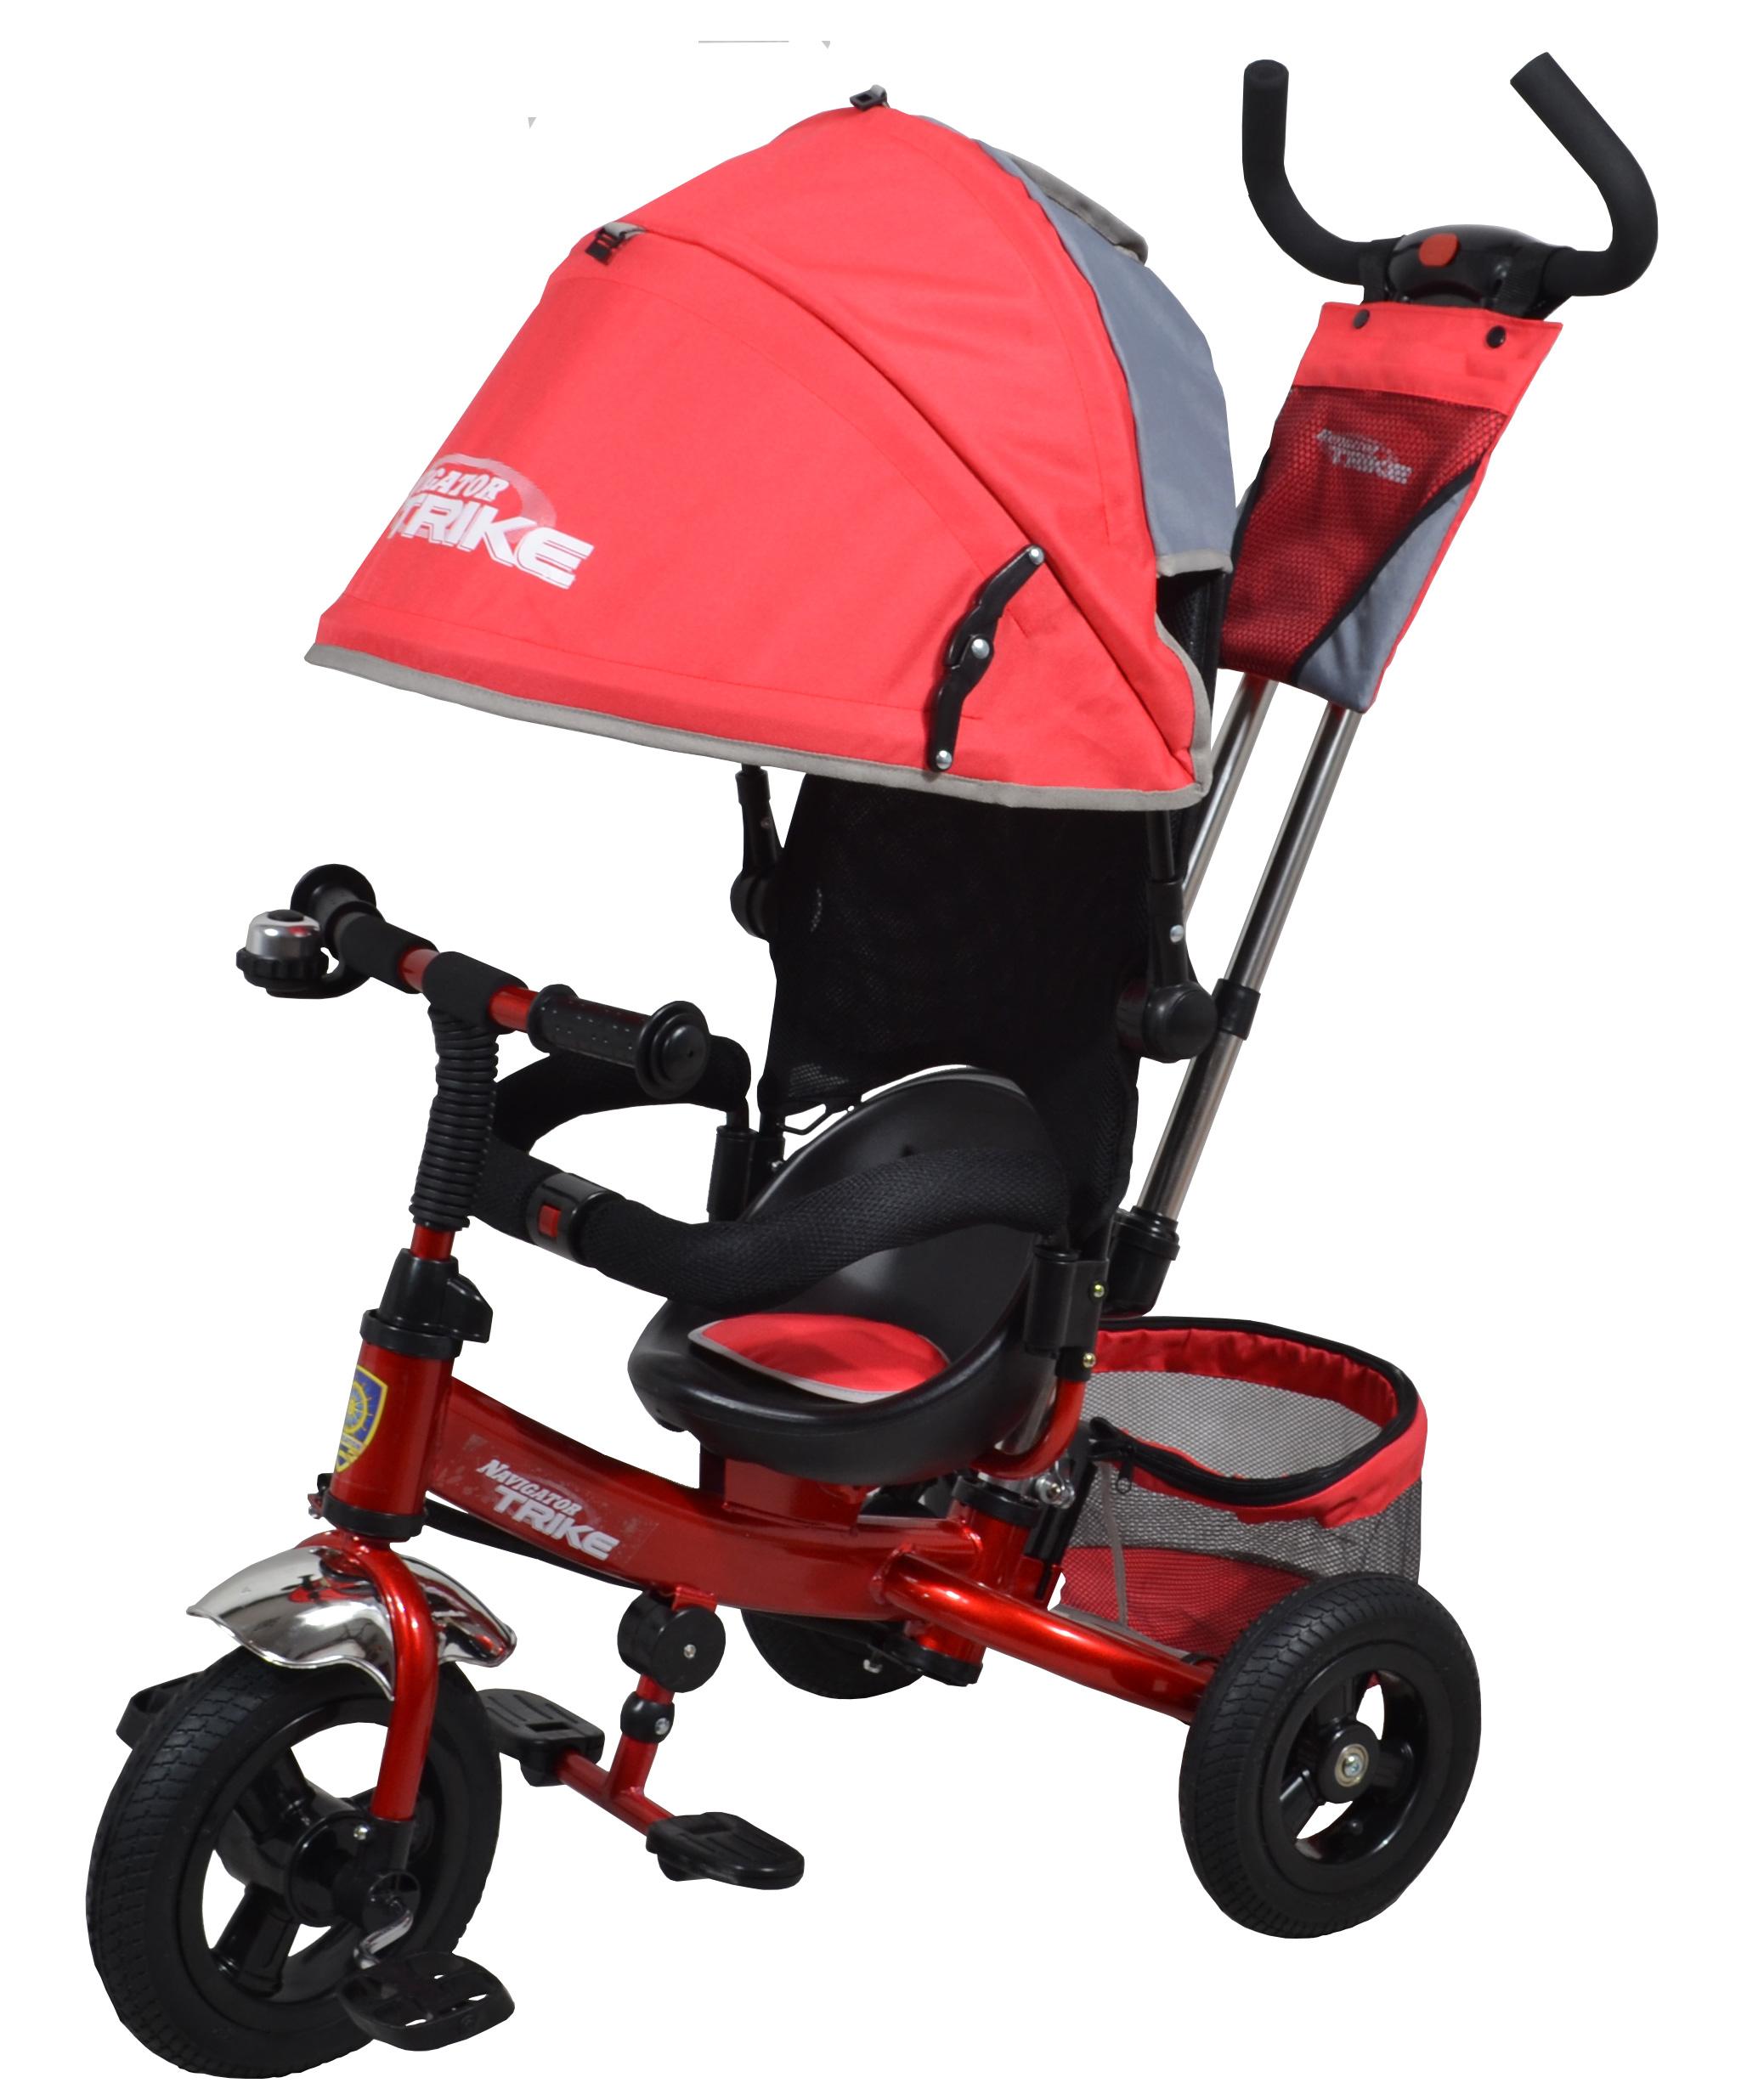 Navigator Трехколесный велосипед Lexus красный серыйТ57636Популярная модель детского трехколесного велосипеда с ярким дизайном. Велосипед снабжен ручкой управления для родителей.